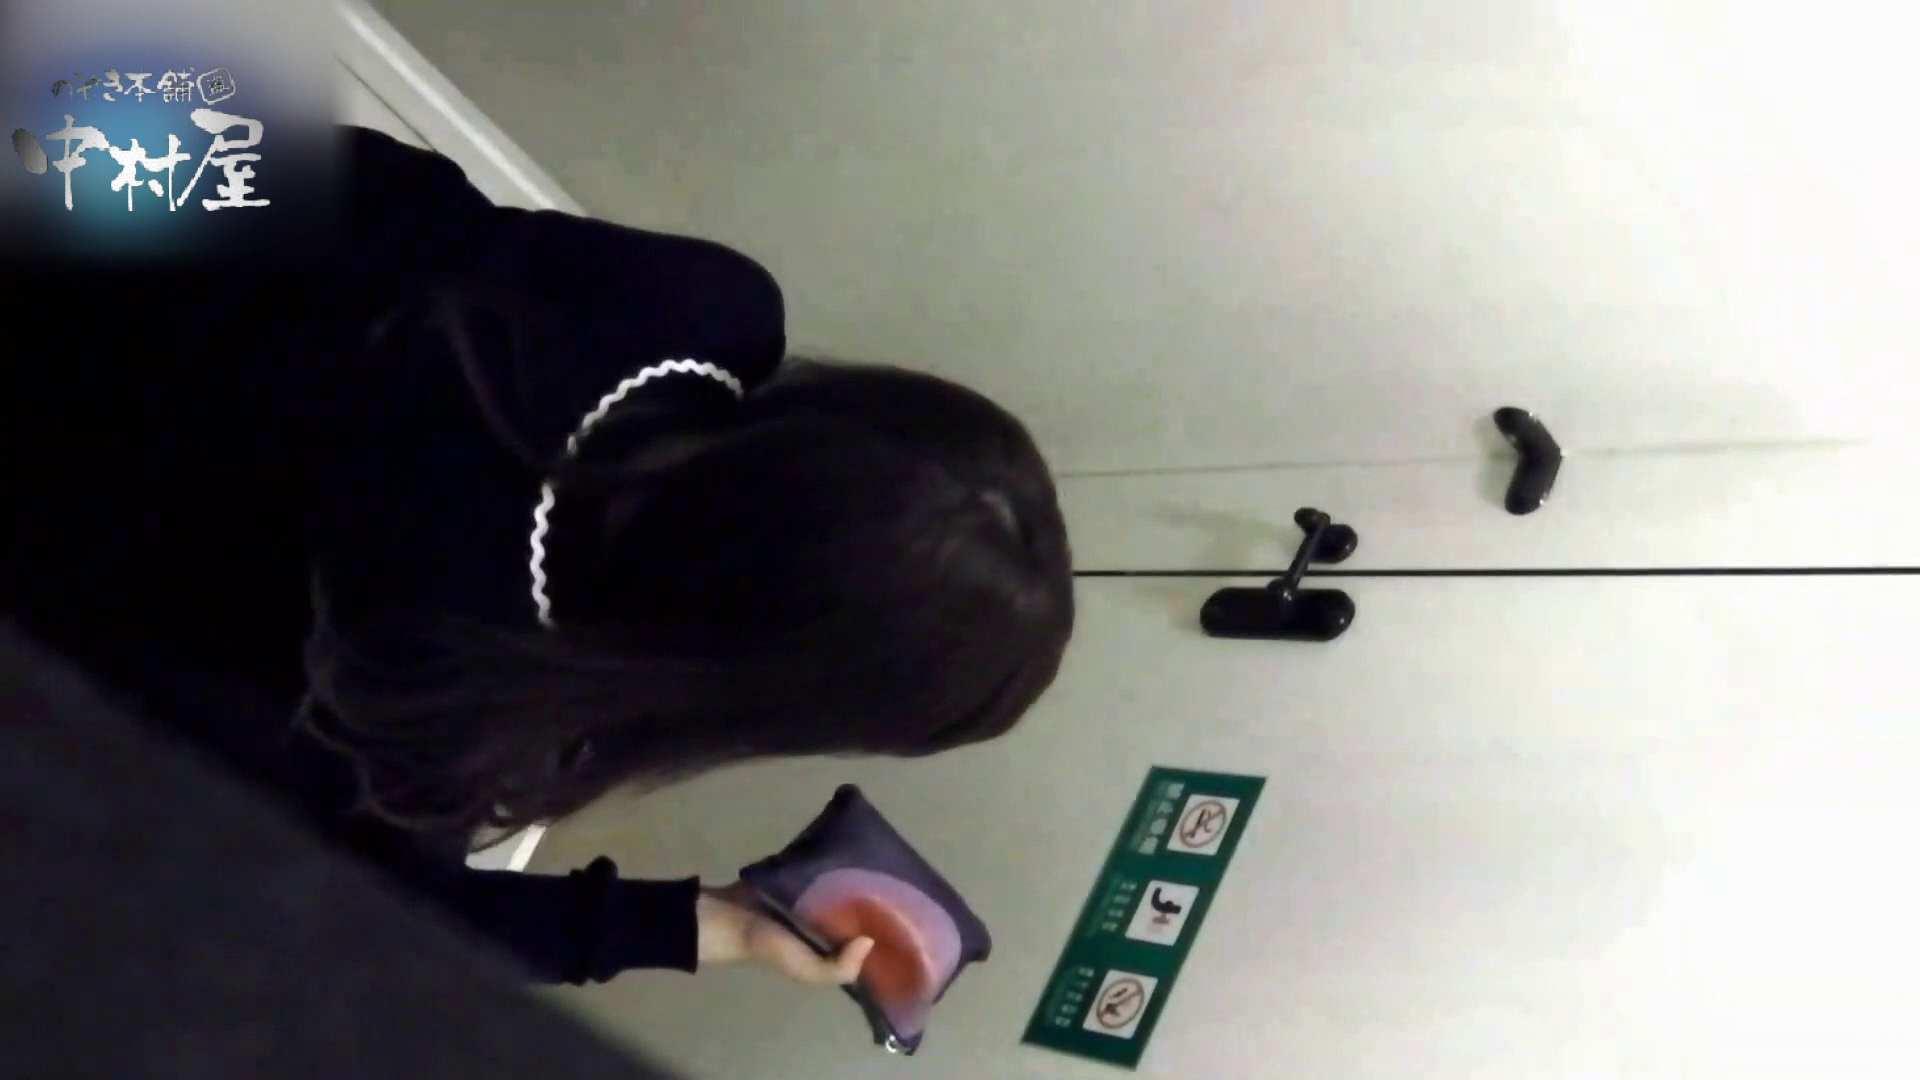 乙女集まる!ショッピングモール潜入撮vol.01 その他 盗み撮りオマンコ動画キャプチャ 101画像 17